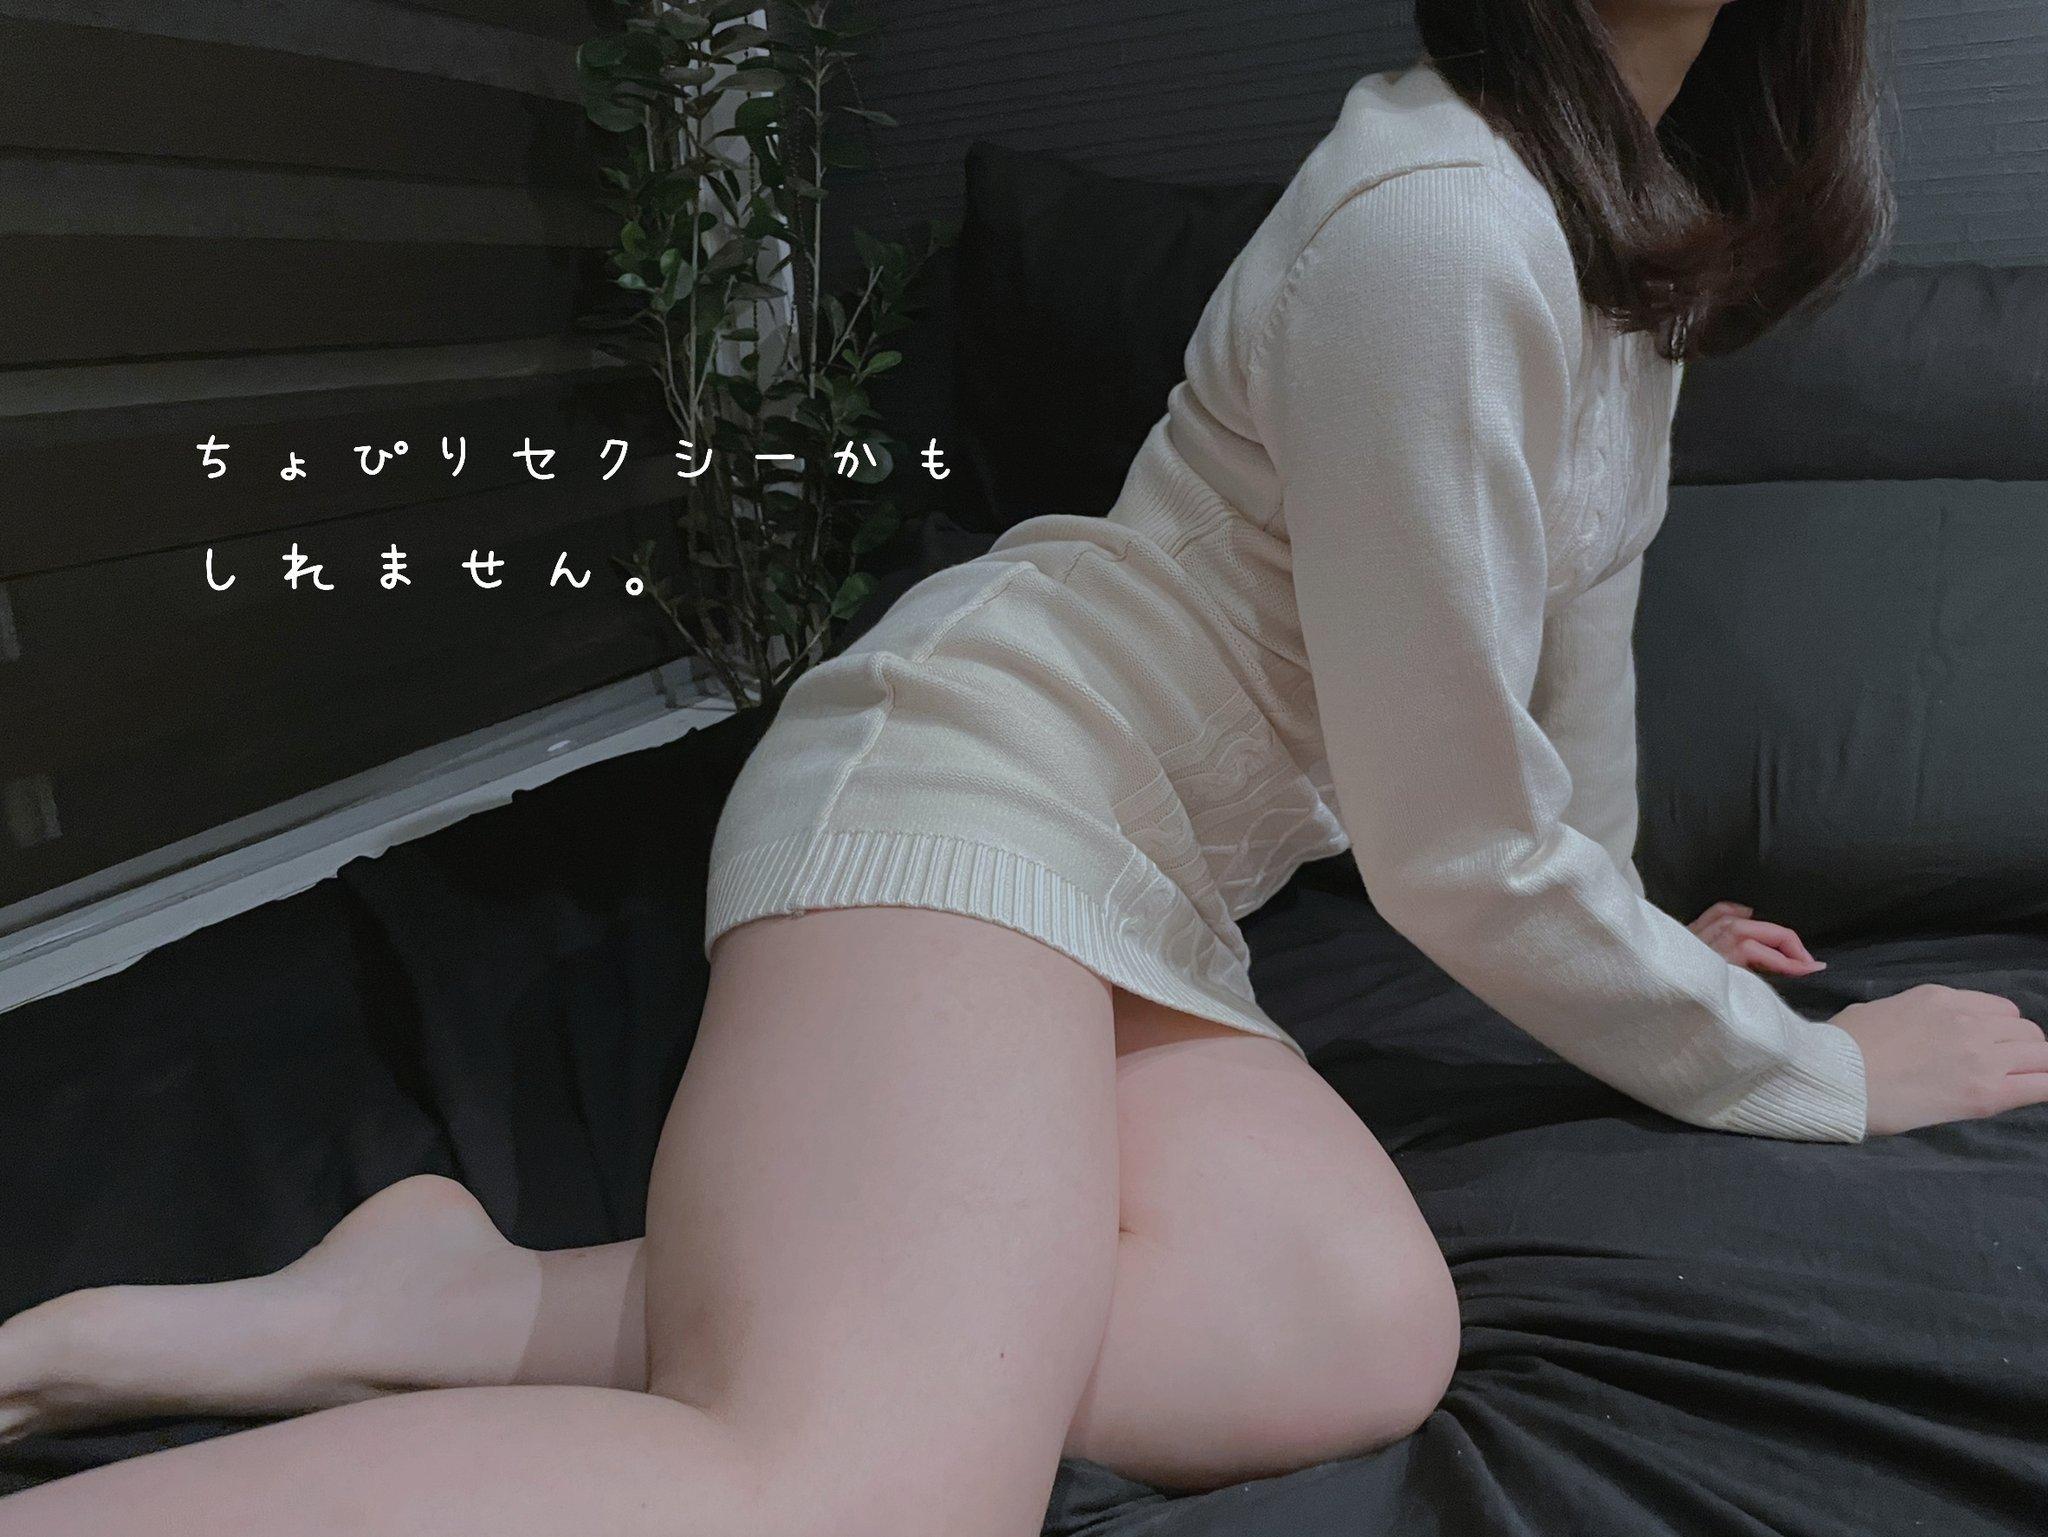 会吹萨克斯風的日本女孩:Ririka/Sax插图